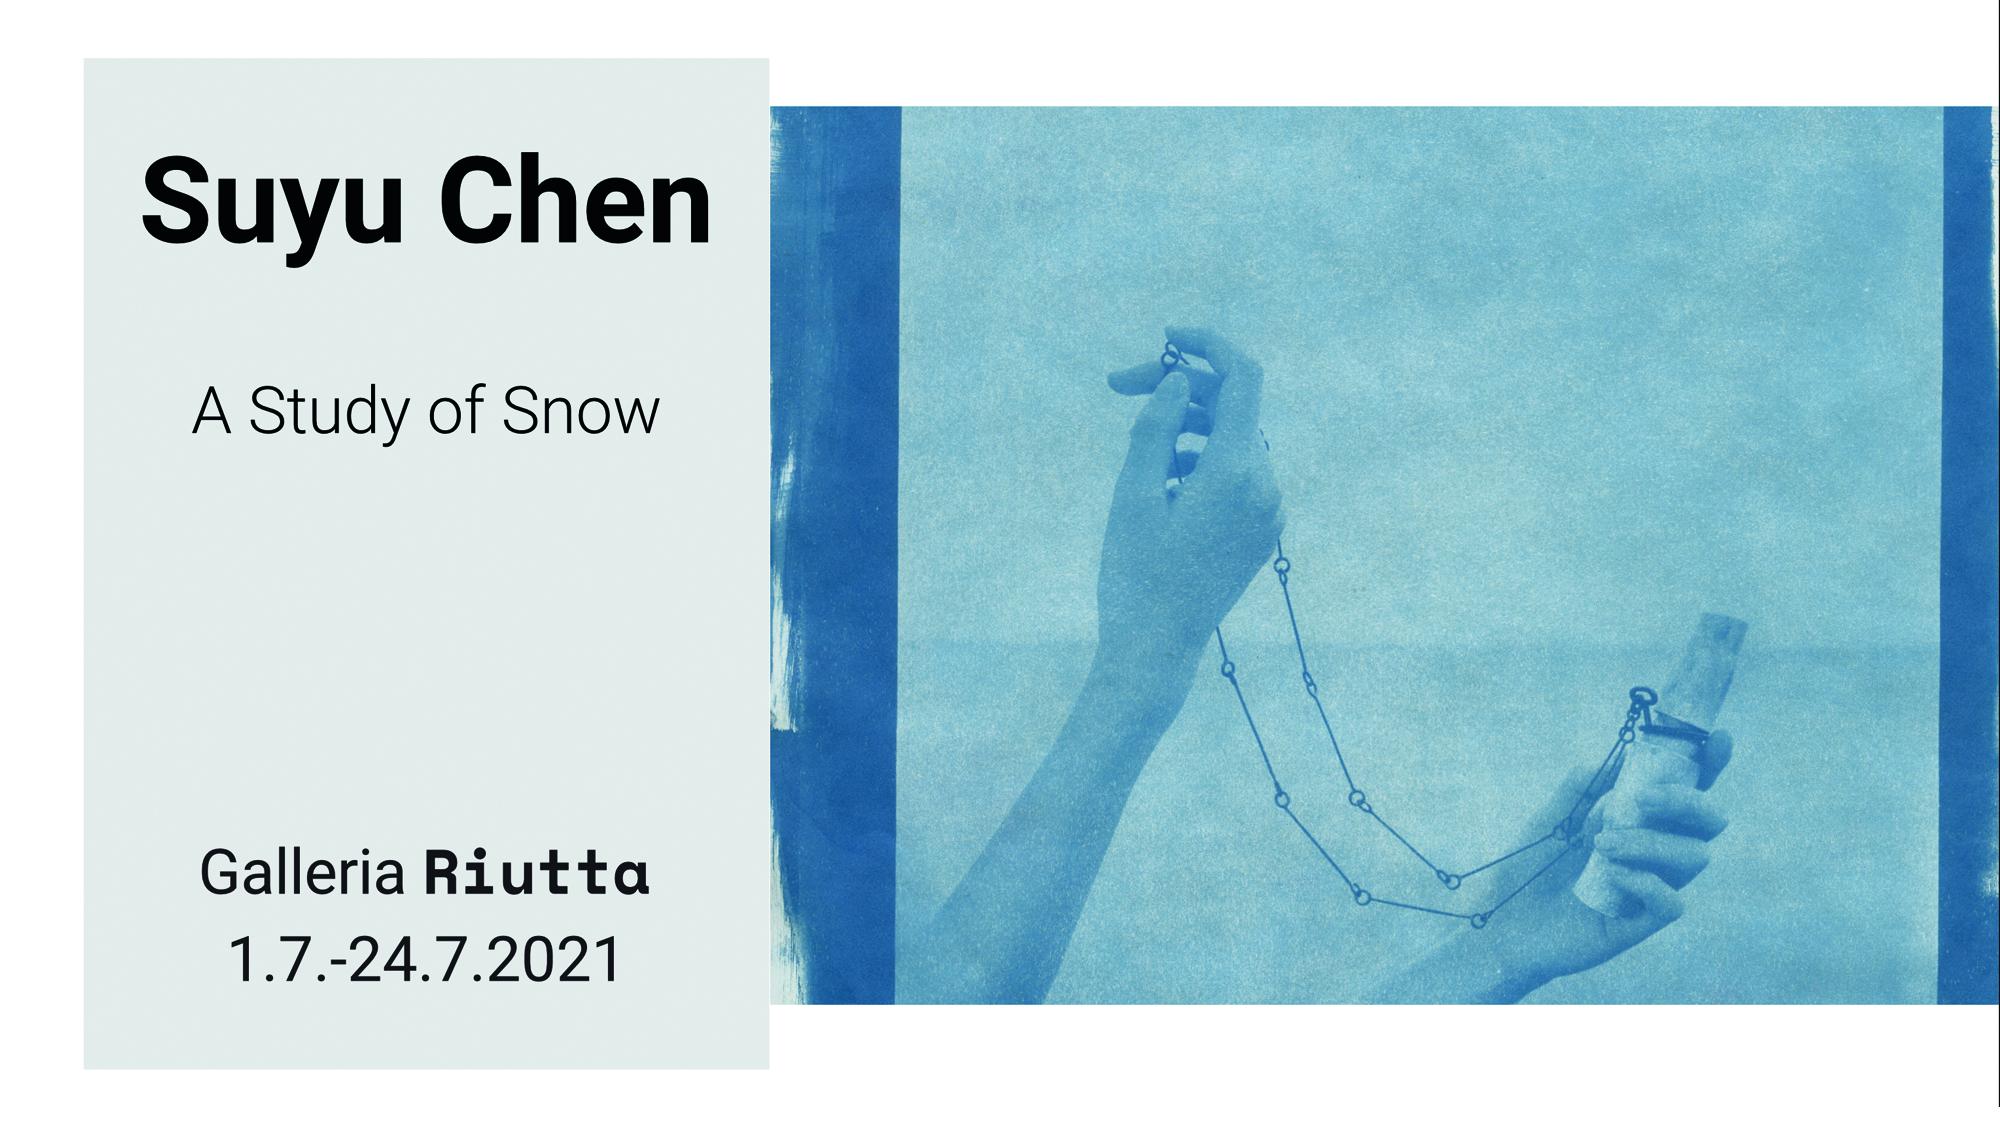 RIUTTA – Suyu Chen — a Study of Snow 1.7. -24.7.2021